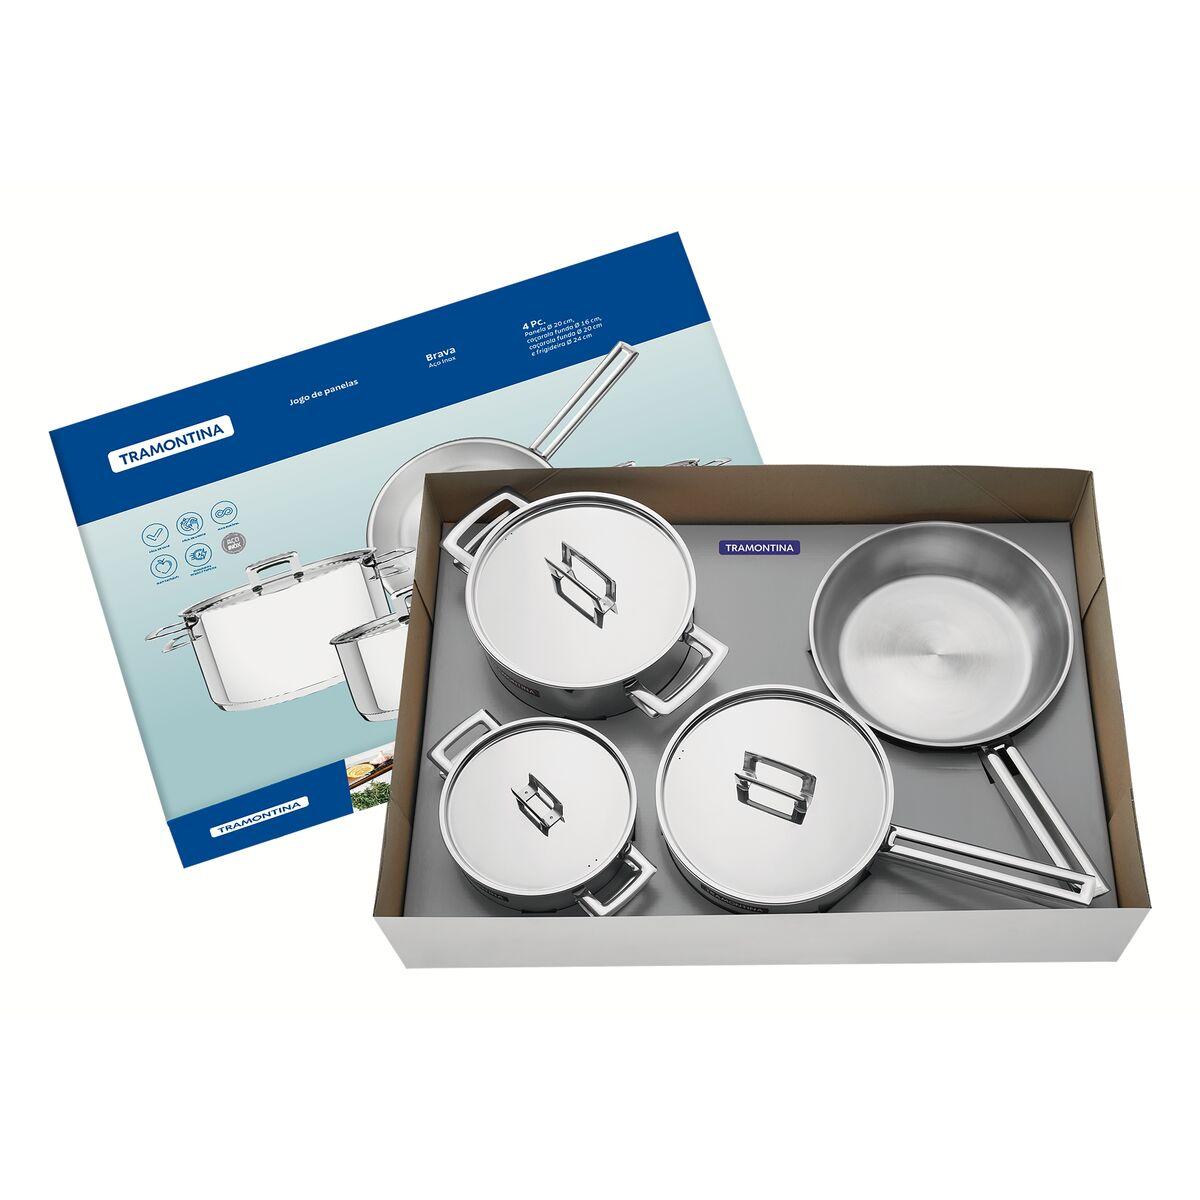 Tramontina - Batería de cocina acero inoxidable con fondo triple 4 pzas.